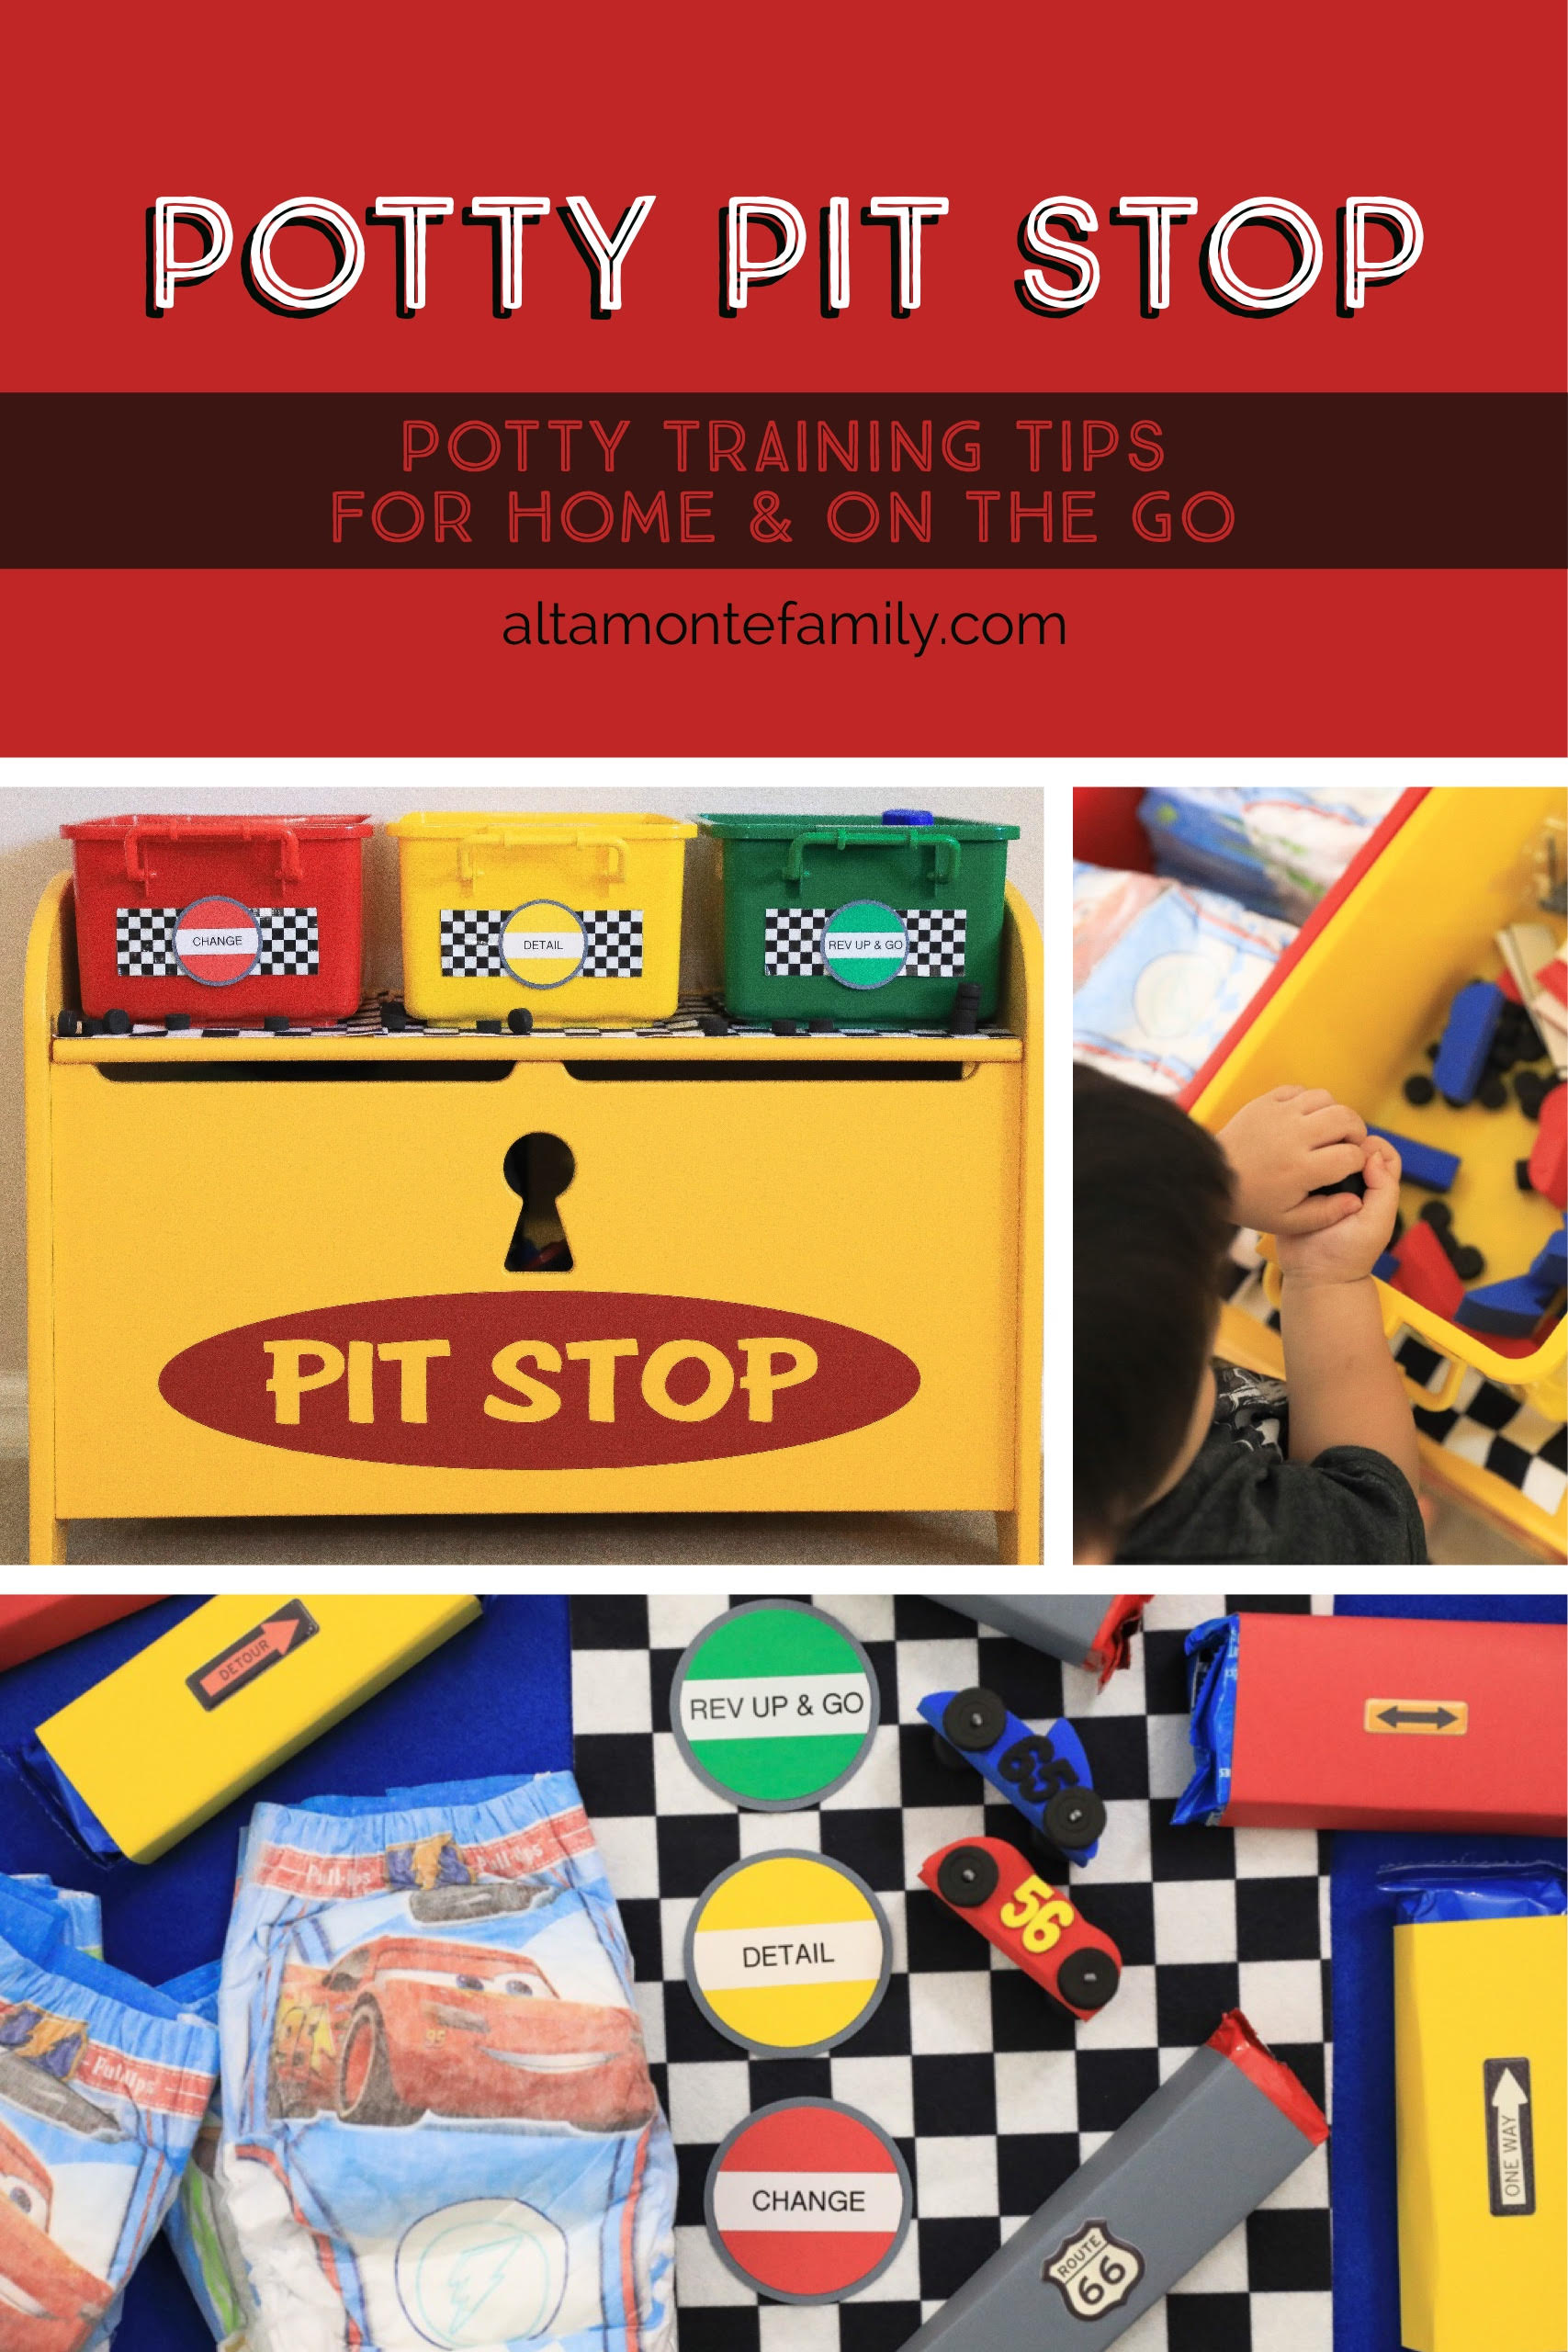 The Potty Pit Stop